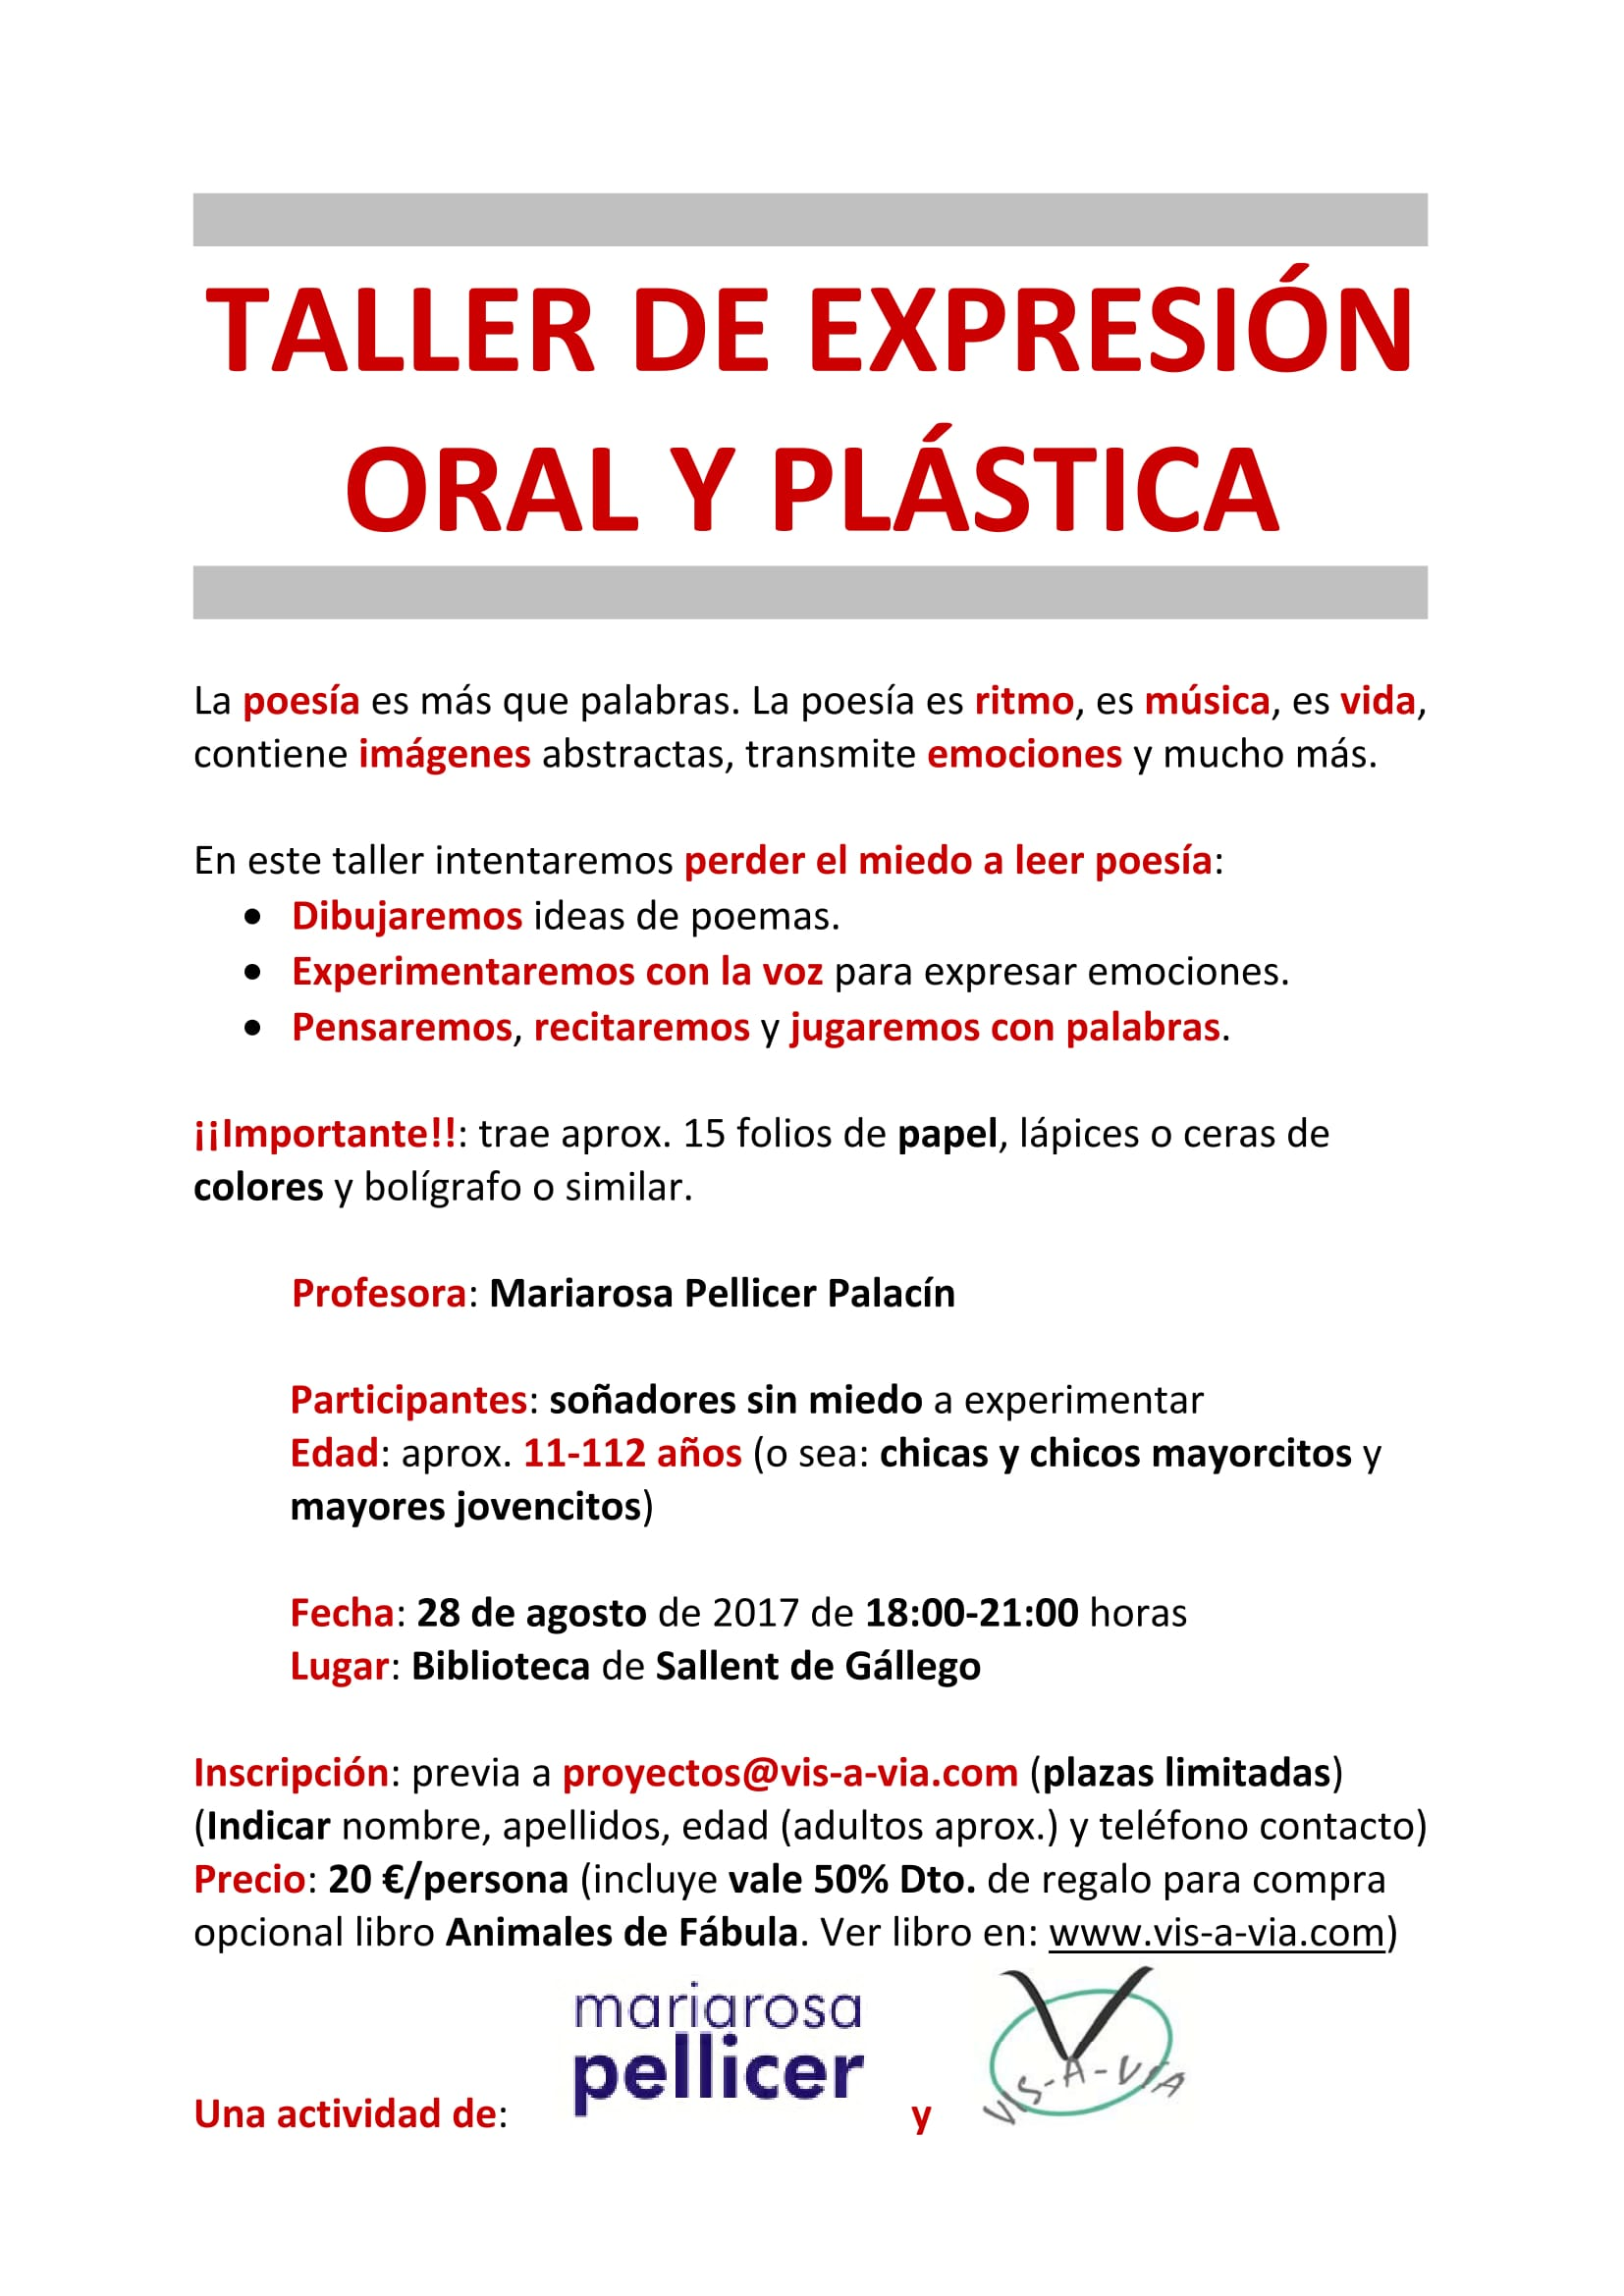 TALLER EXPRESION ORAL Y PLASTICA-1